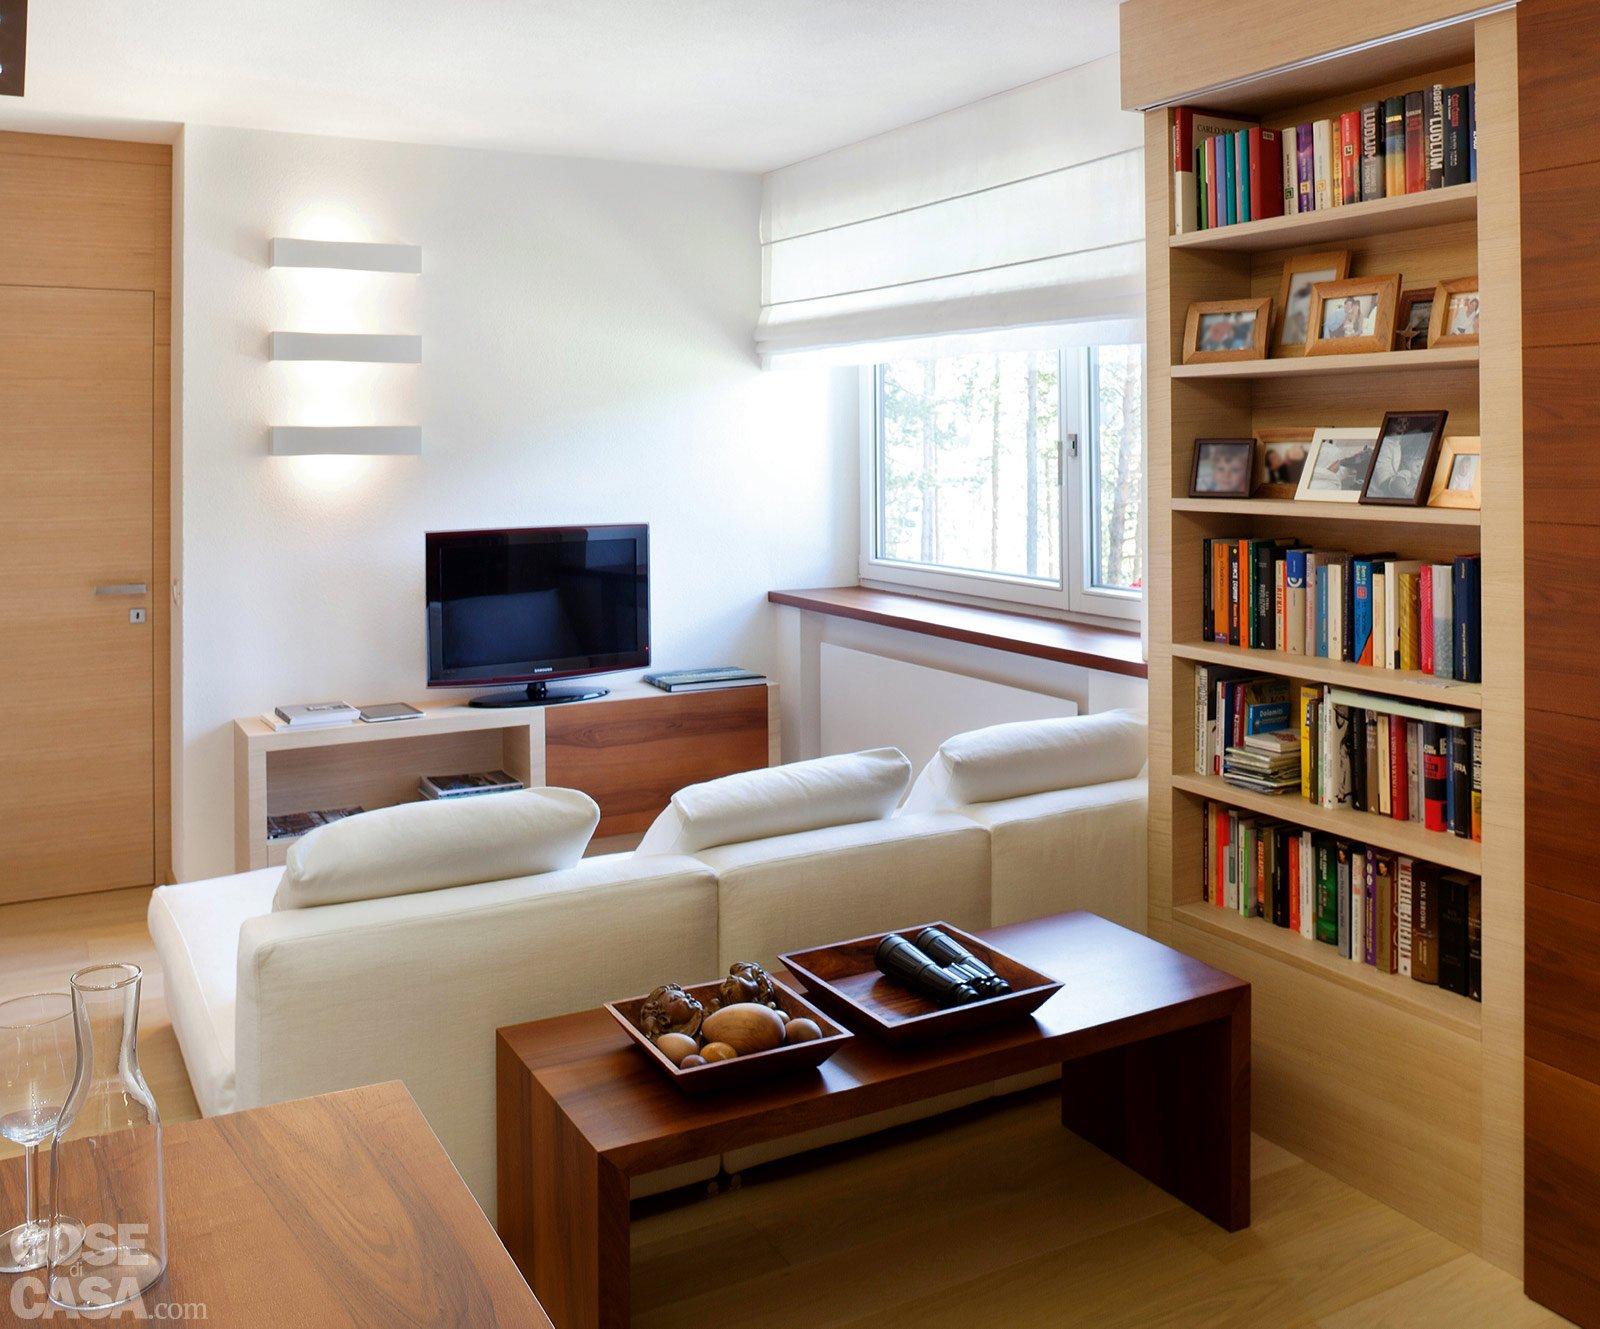 57 mq una casa con stanze trasformabili cose di casa for Case con stanze nascoste in vendita